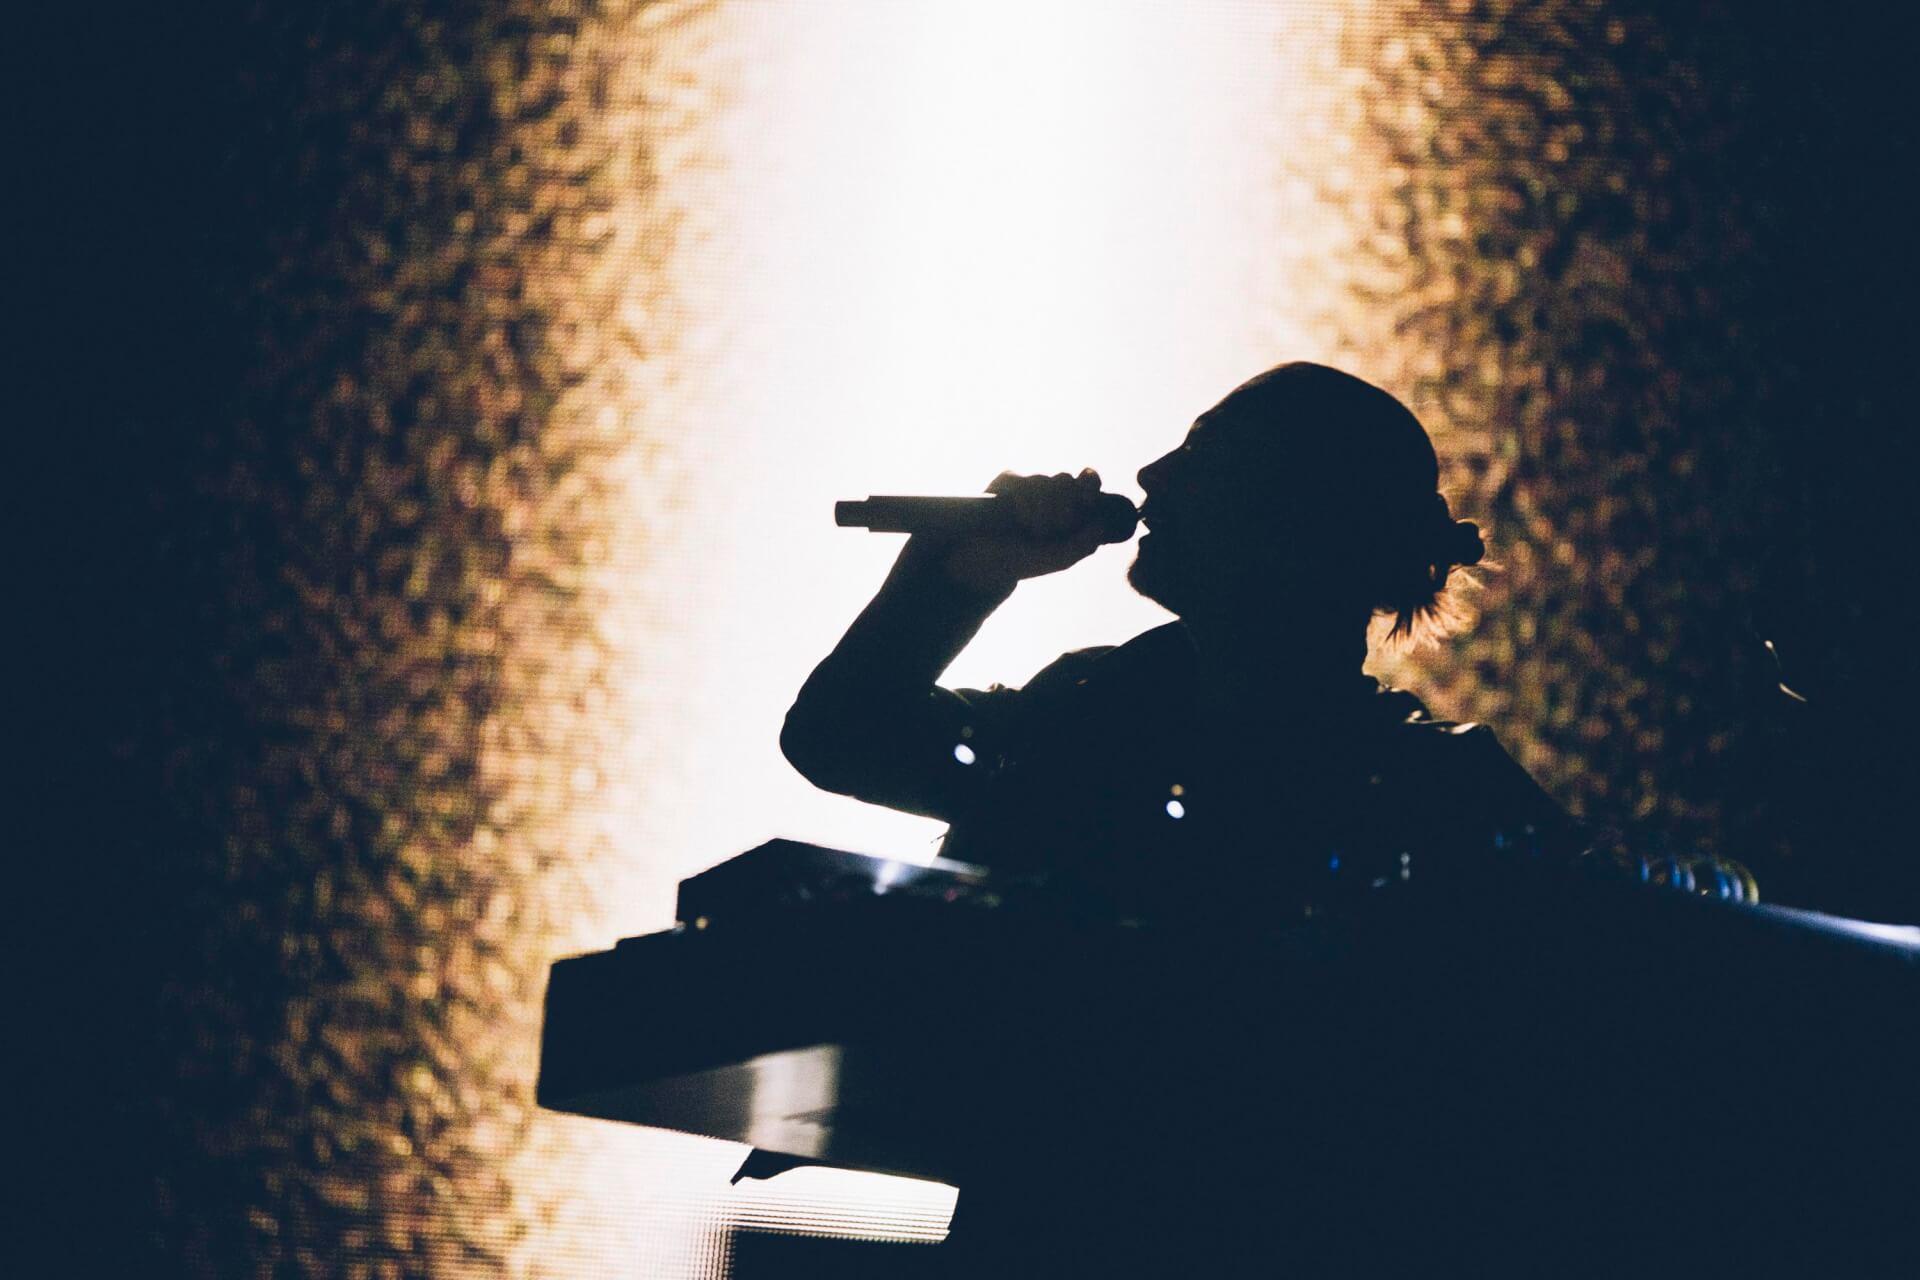 振り返るフジロック2019|THOM YORKE TOMORROW'S MODERN BOXES photo-report190822-thomyorke-3.jpg